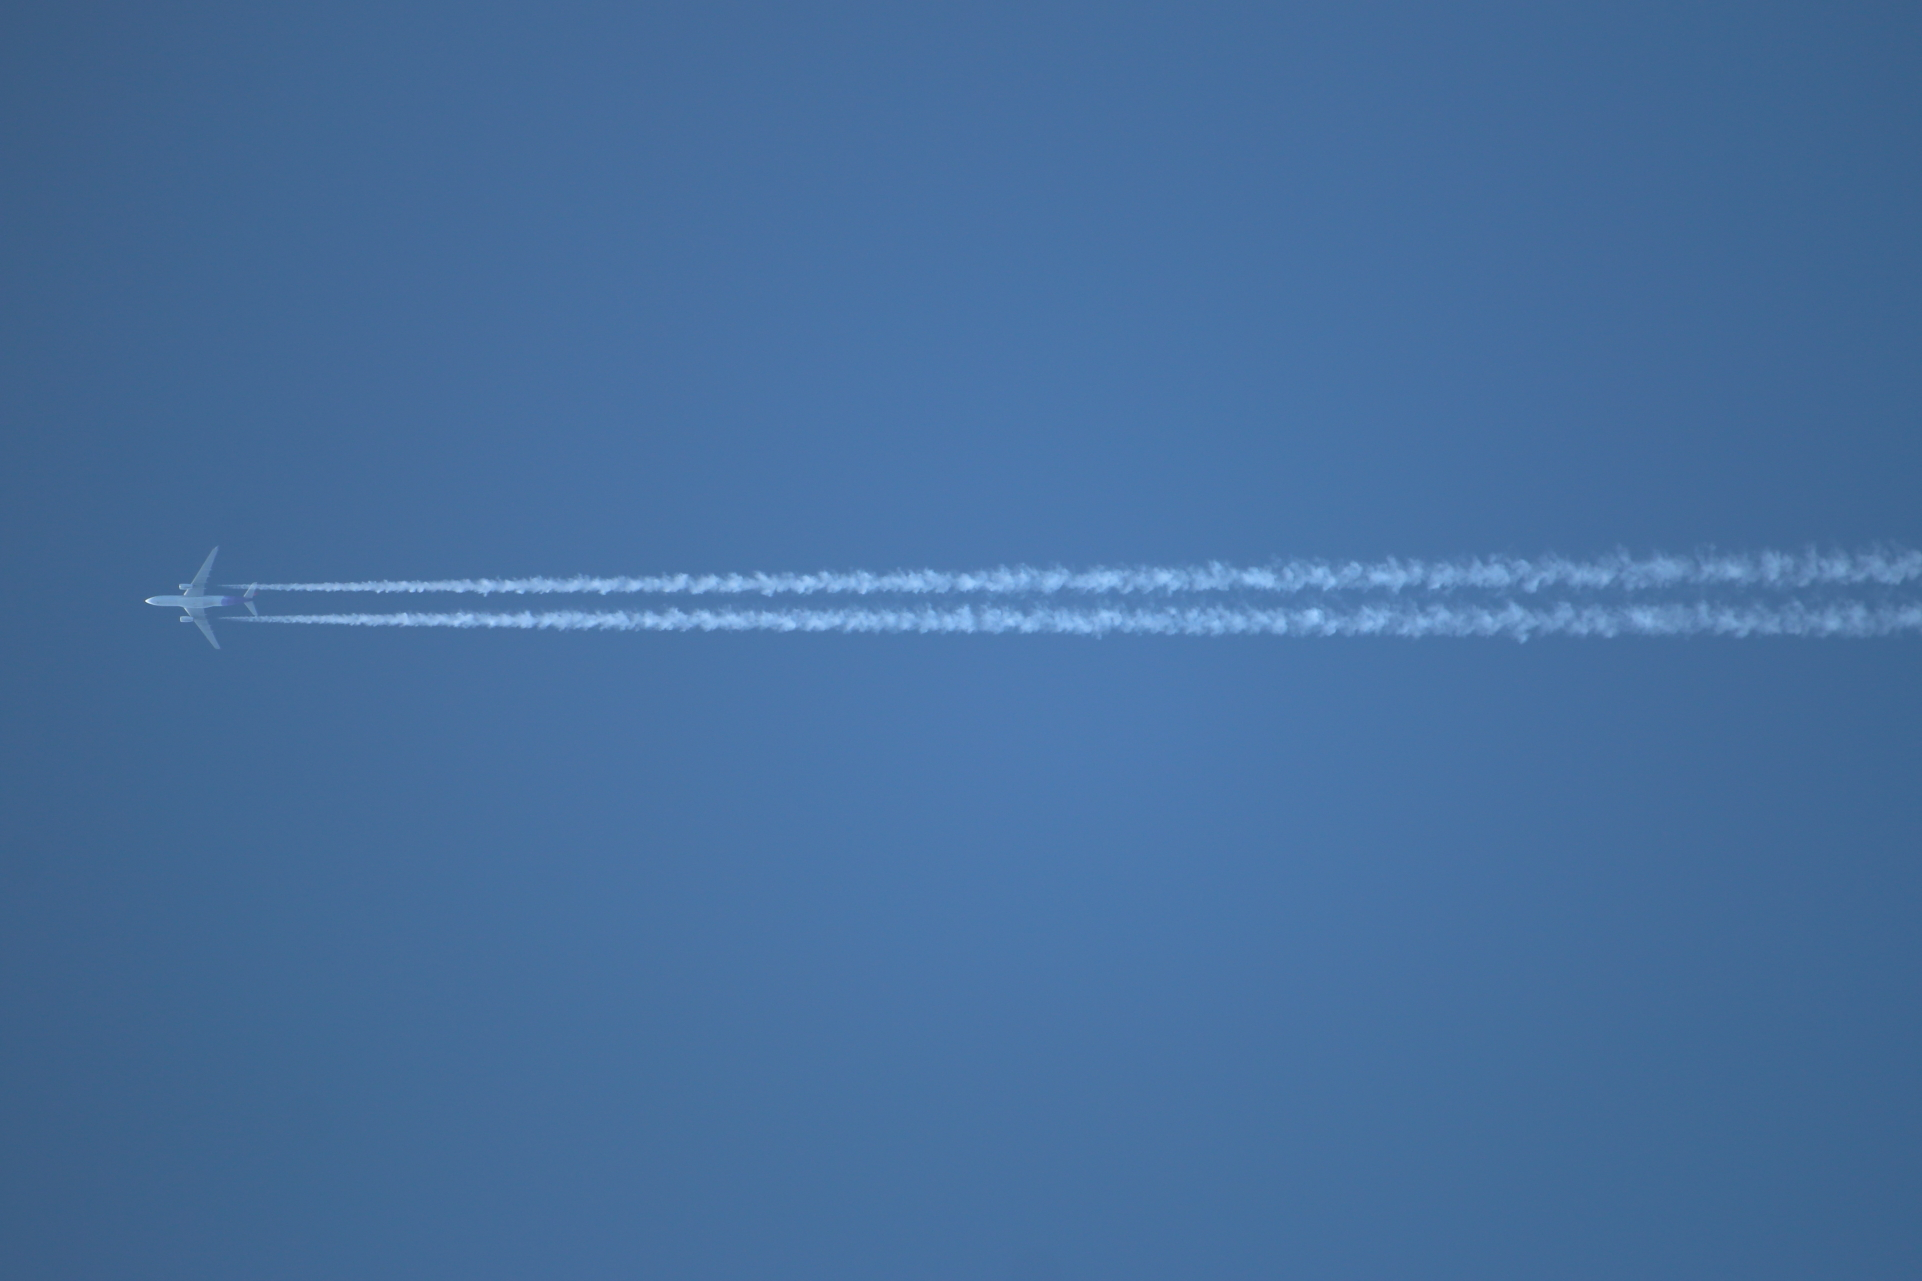 Hawaiian Airline